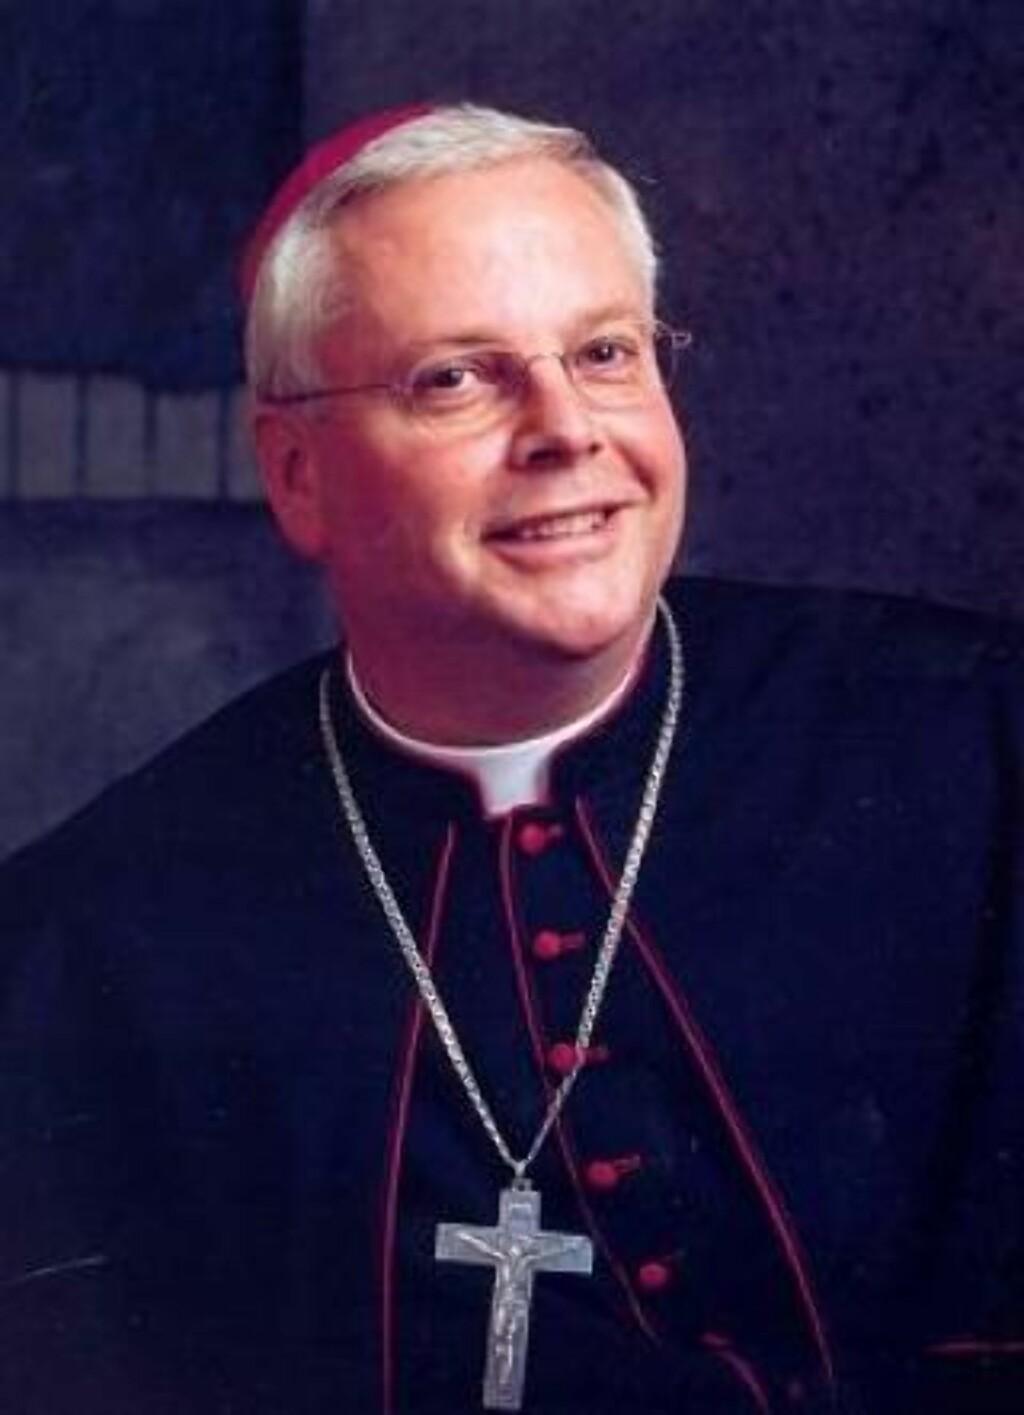 AVSKJED: Georg Müller ble gitt avskjed i fjor. Foto: Katolsk.no